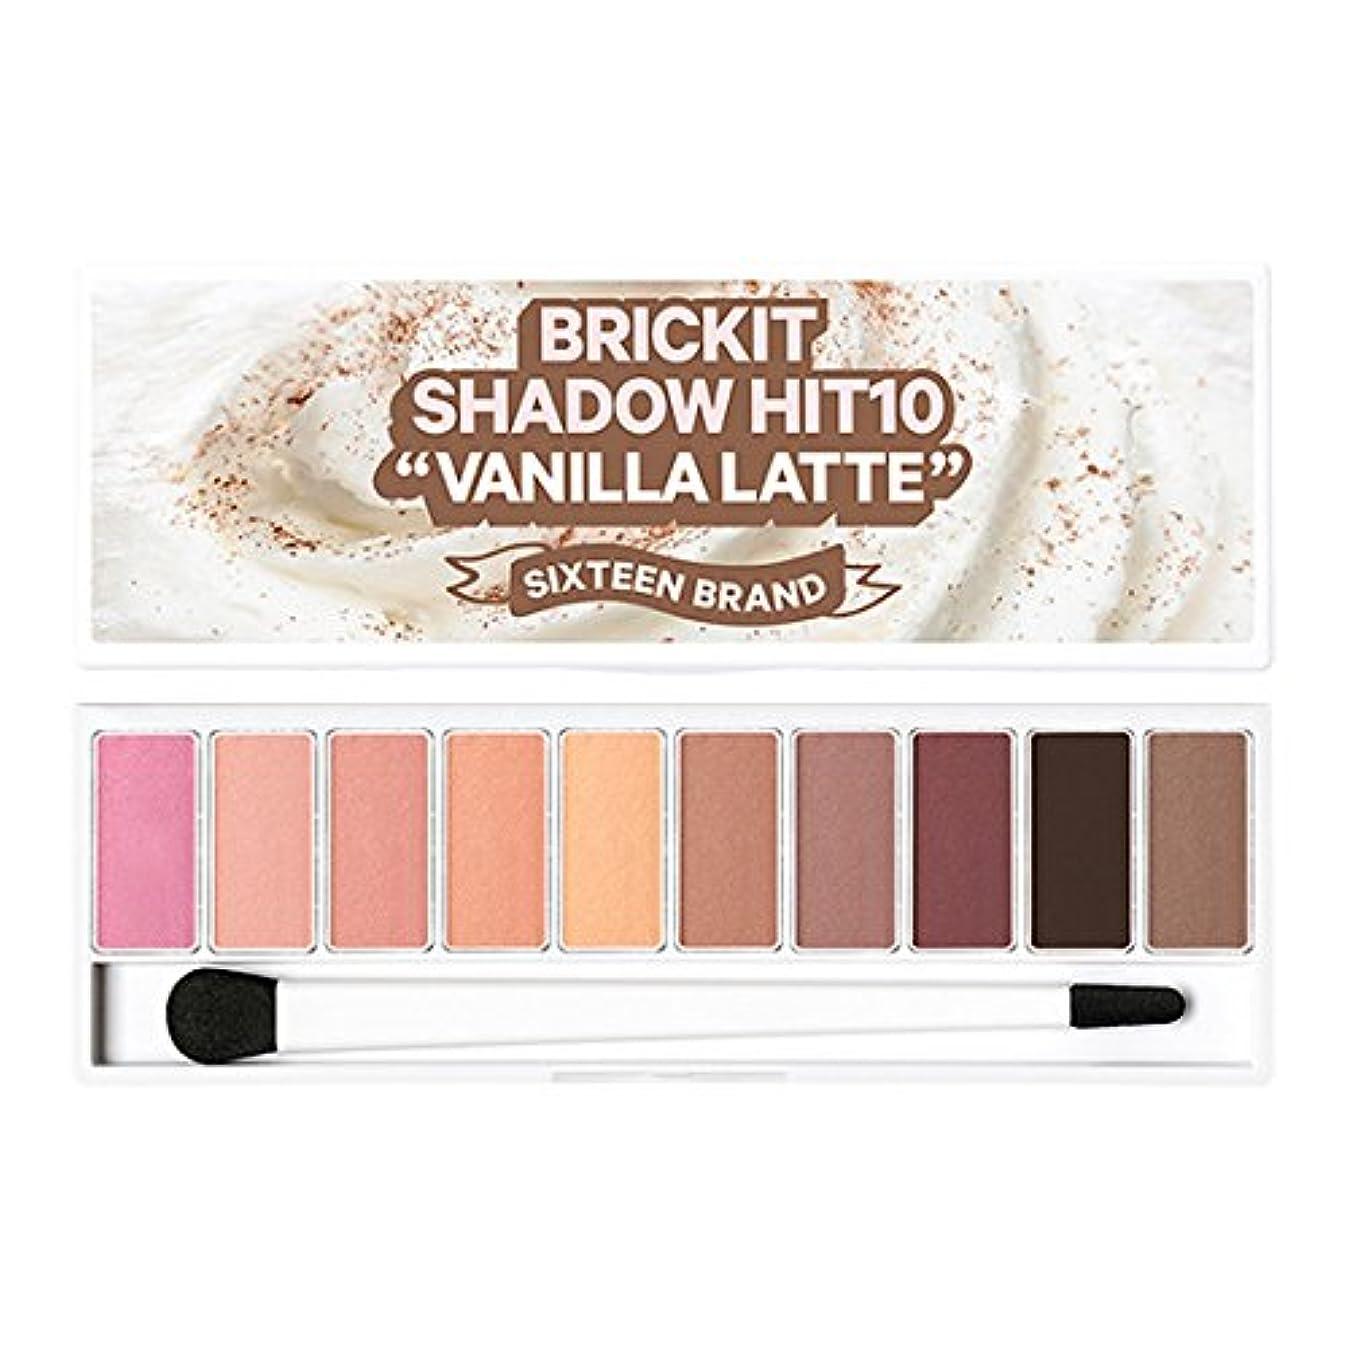 口述する湖装備する16brand Sixteen Brickit Shadow Hit 10 Vanilla Latte 10g/16ブランド シックスティーン ブリックキット シャドウ ヒット 10 バニララテ 10g [並行輸入品]